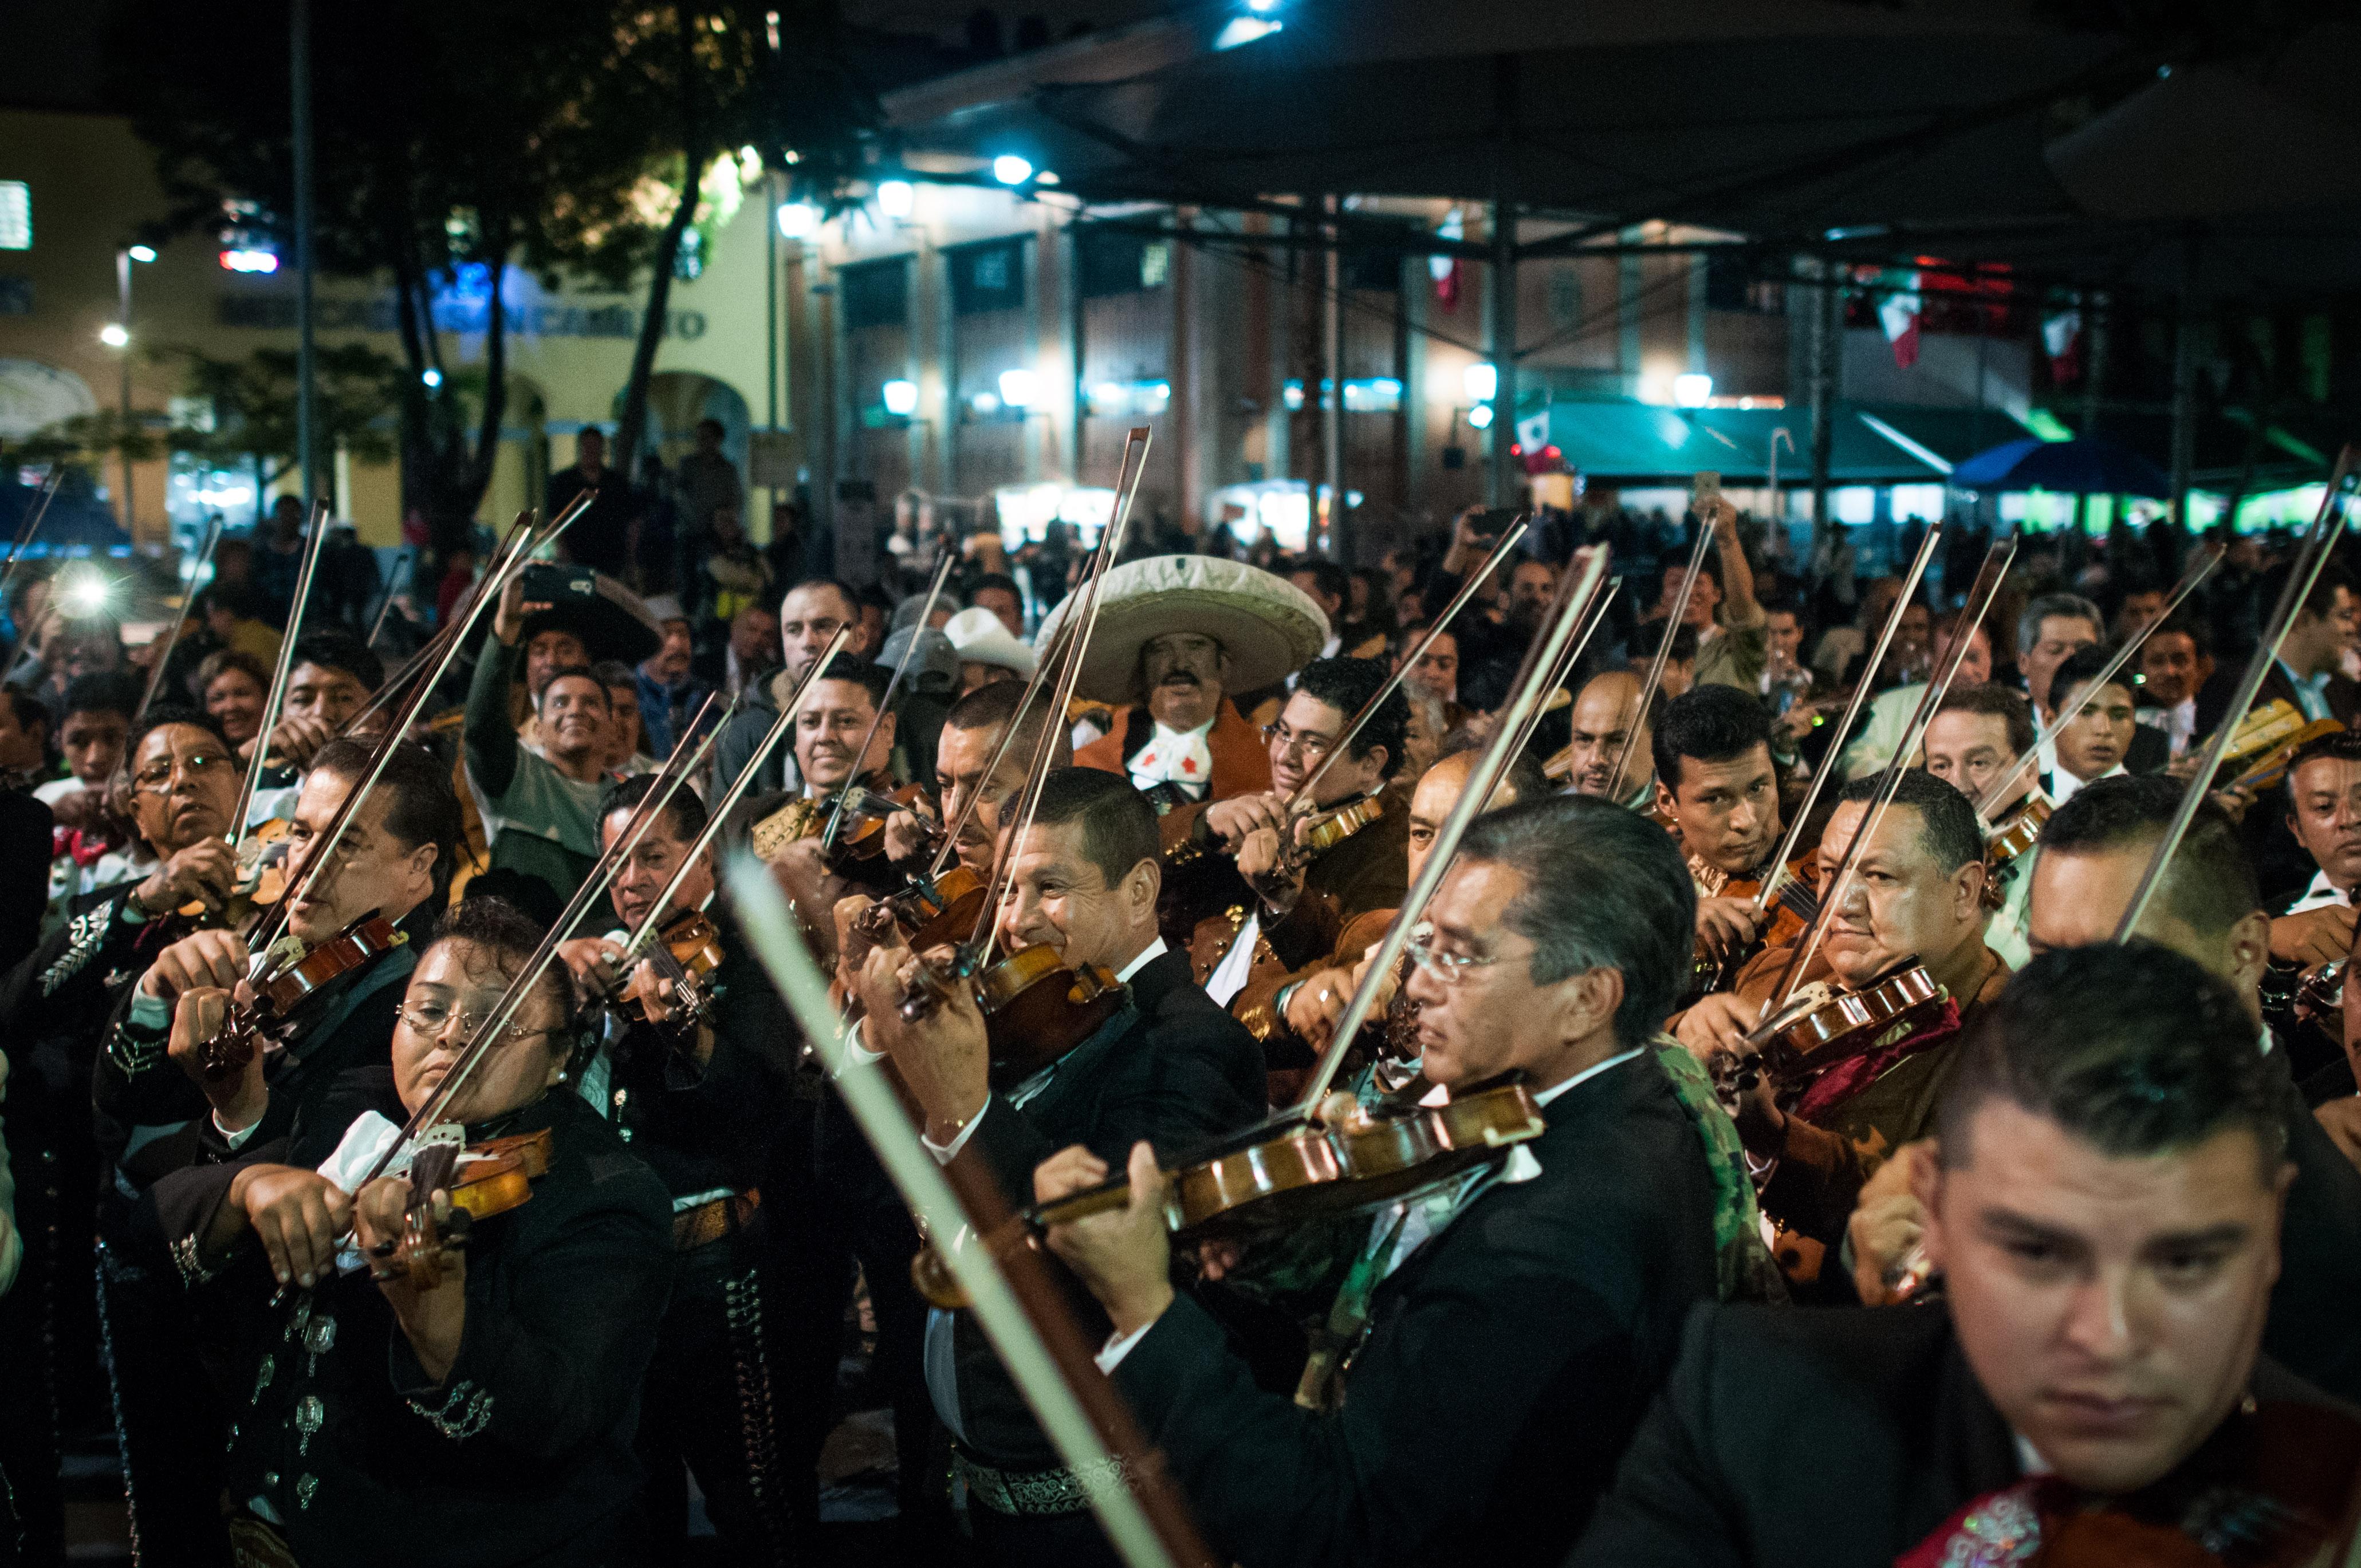 En la llamada Catedral del Mariachi, la mayoría de los visitantes bebía en la plaza púiblica (Foto: Diego Simón Sánchez / CUARTOSCURO)